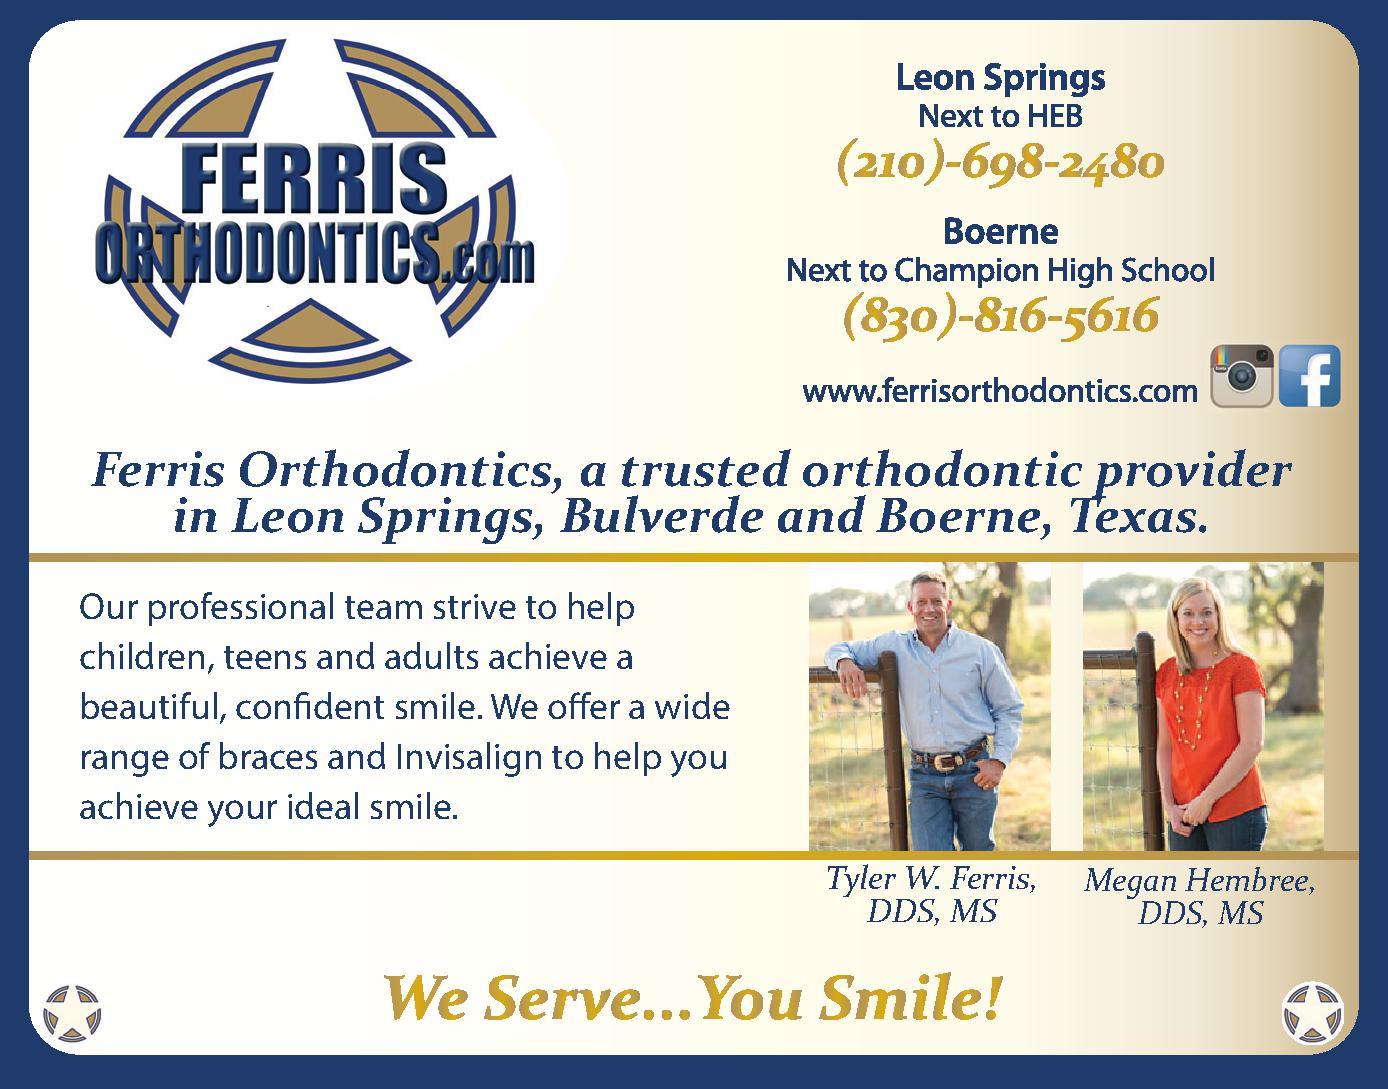 Ferris Orthodontics